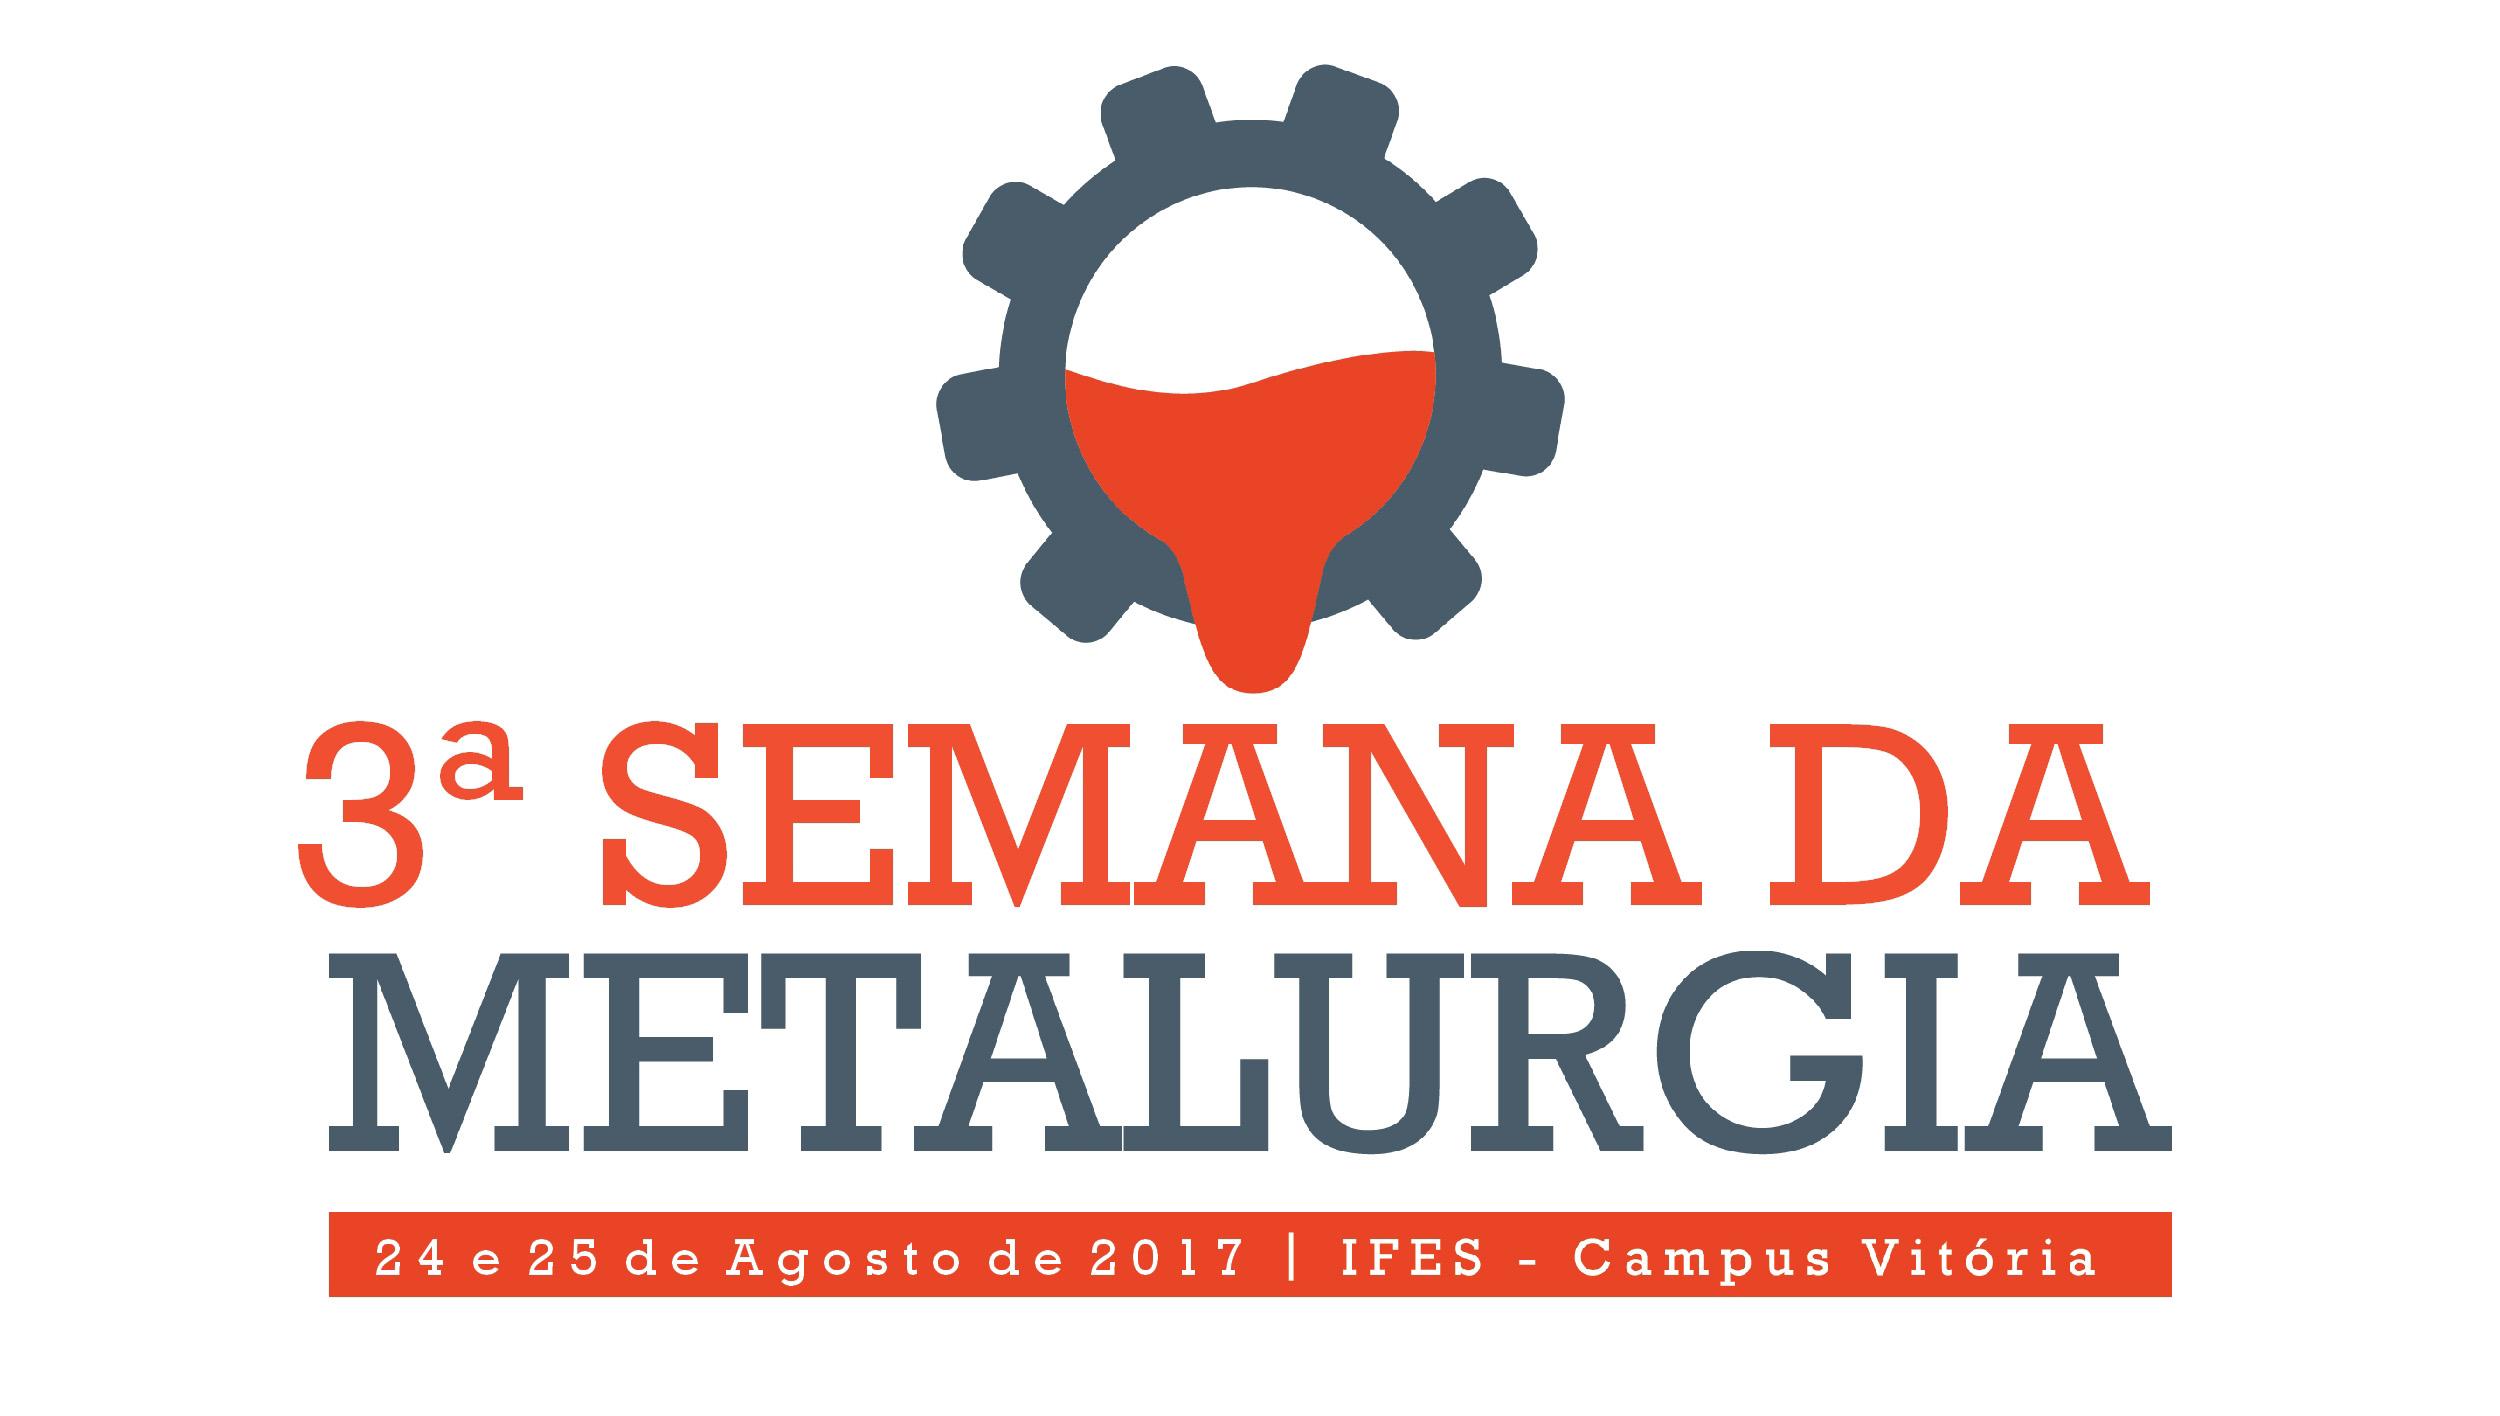 Últimas vagas para a 3ª Semana da Metalurgia do Campus Vitória